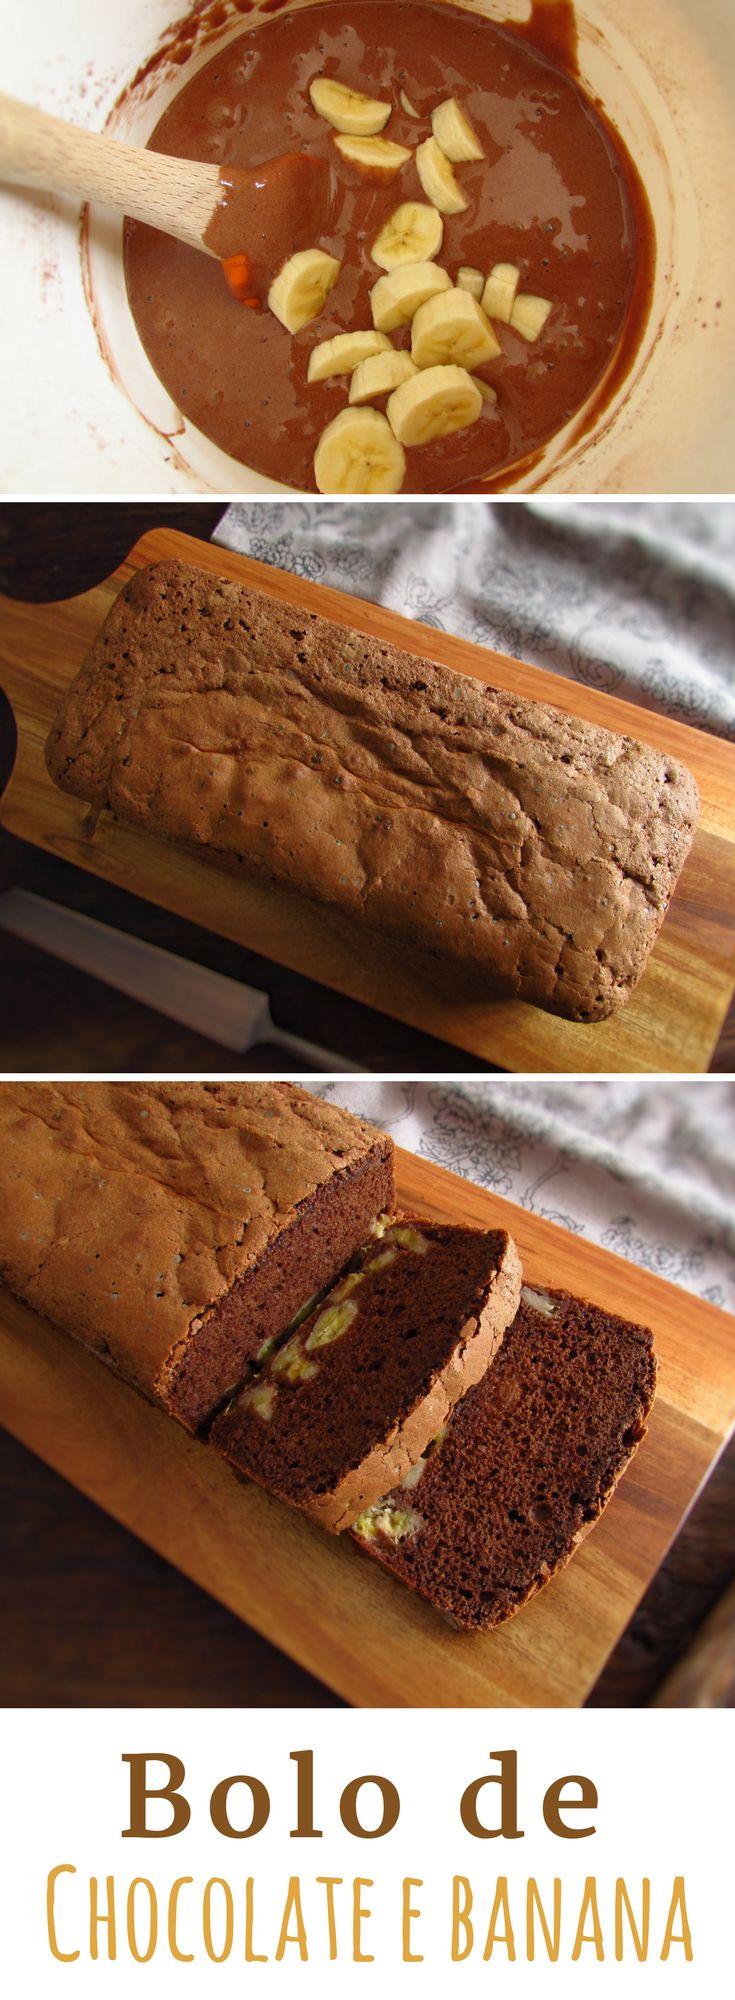 Bolo de chocolate e banana | Food From Portugal. Vai receber amigos em casa e quer preparar um bolo delicioso e especial? Experimente este bolo de chocolate e banana que tem uma combinação de sabores perfeita!!! Bom apetite!! #receita #bolo #chocolate #banana